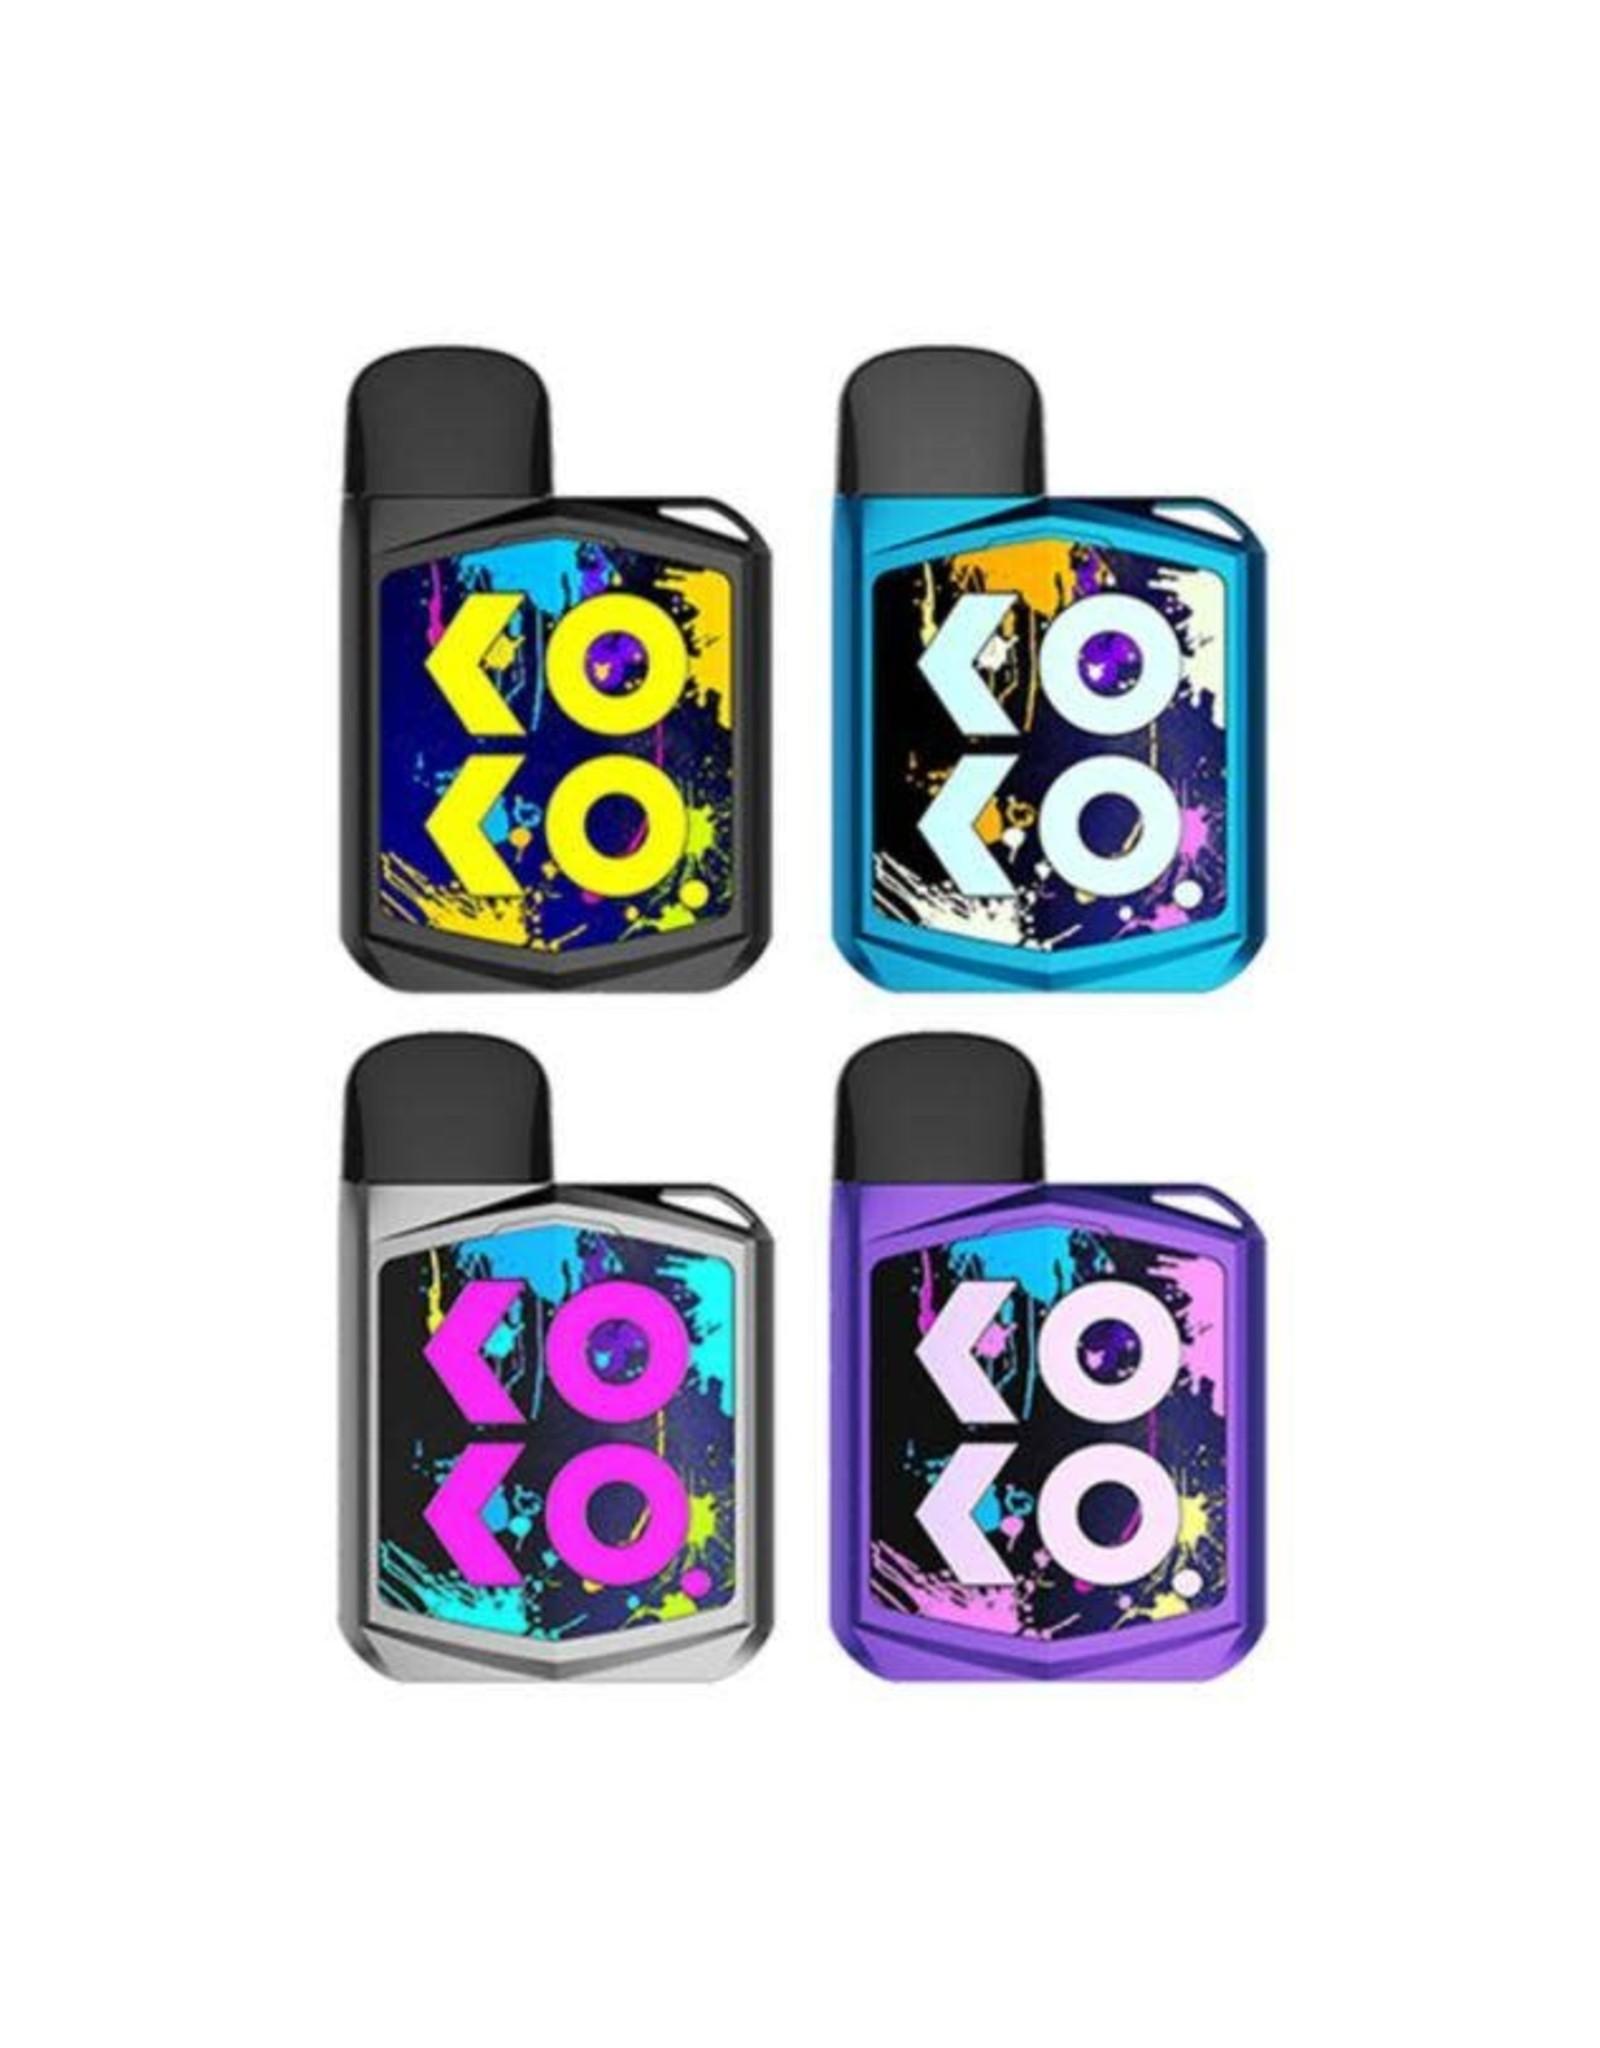 Koko Prime Kit